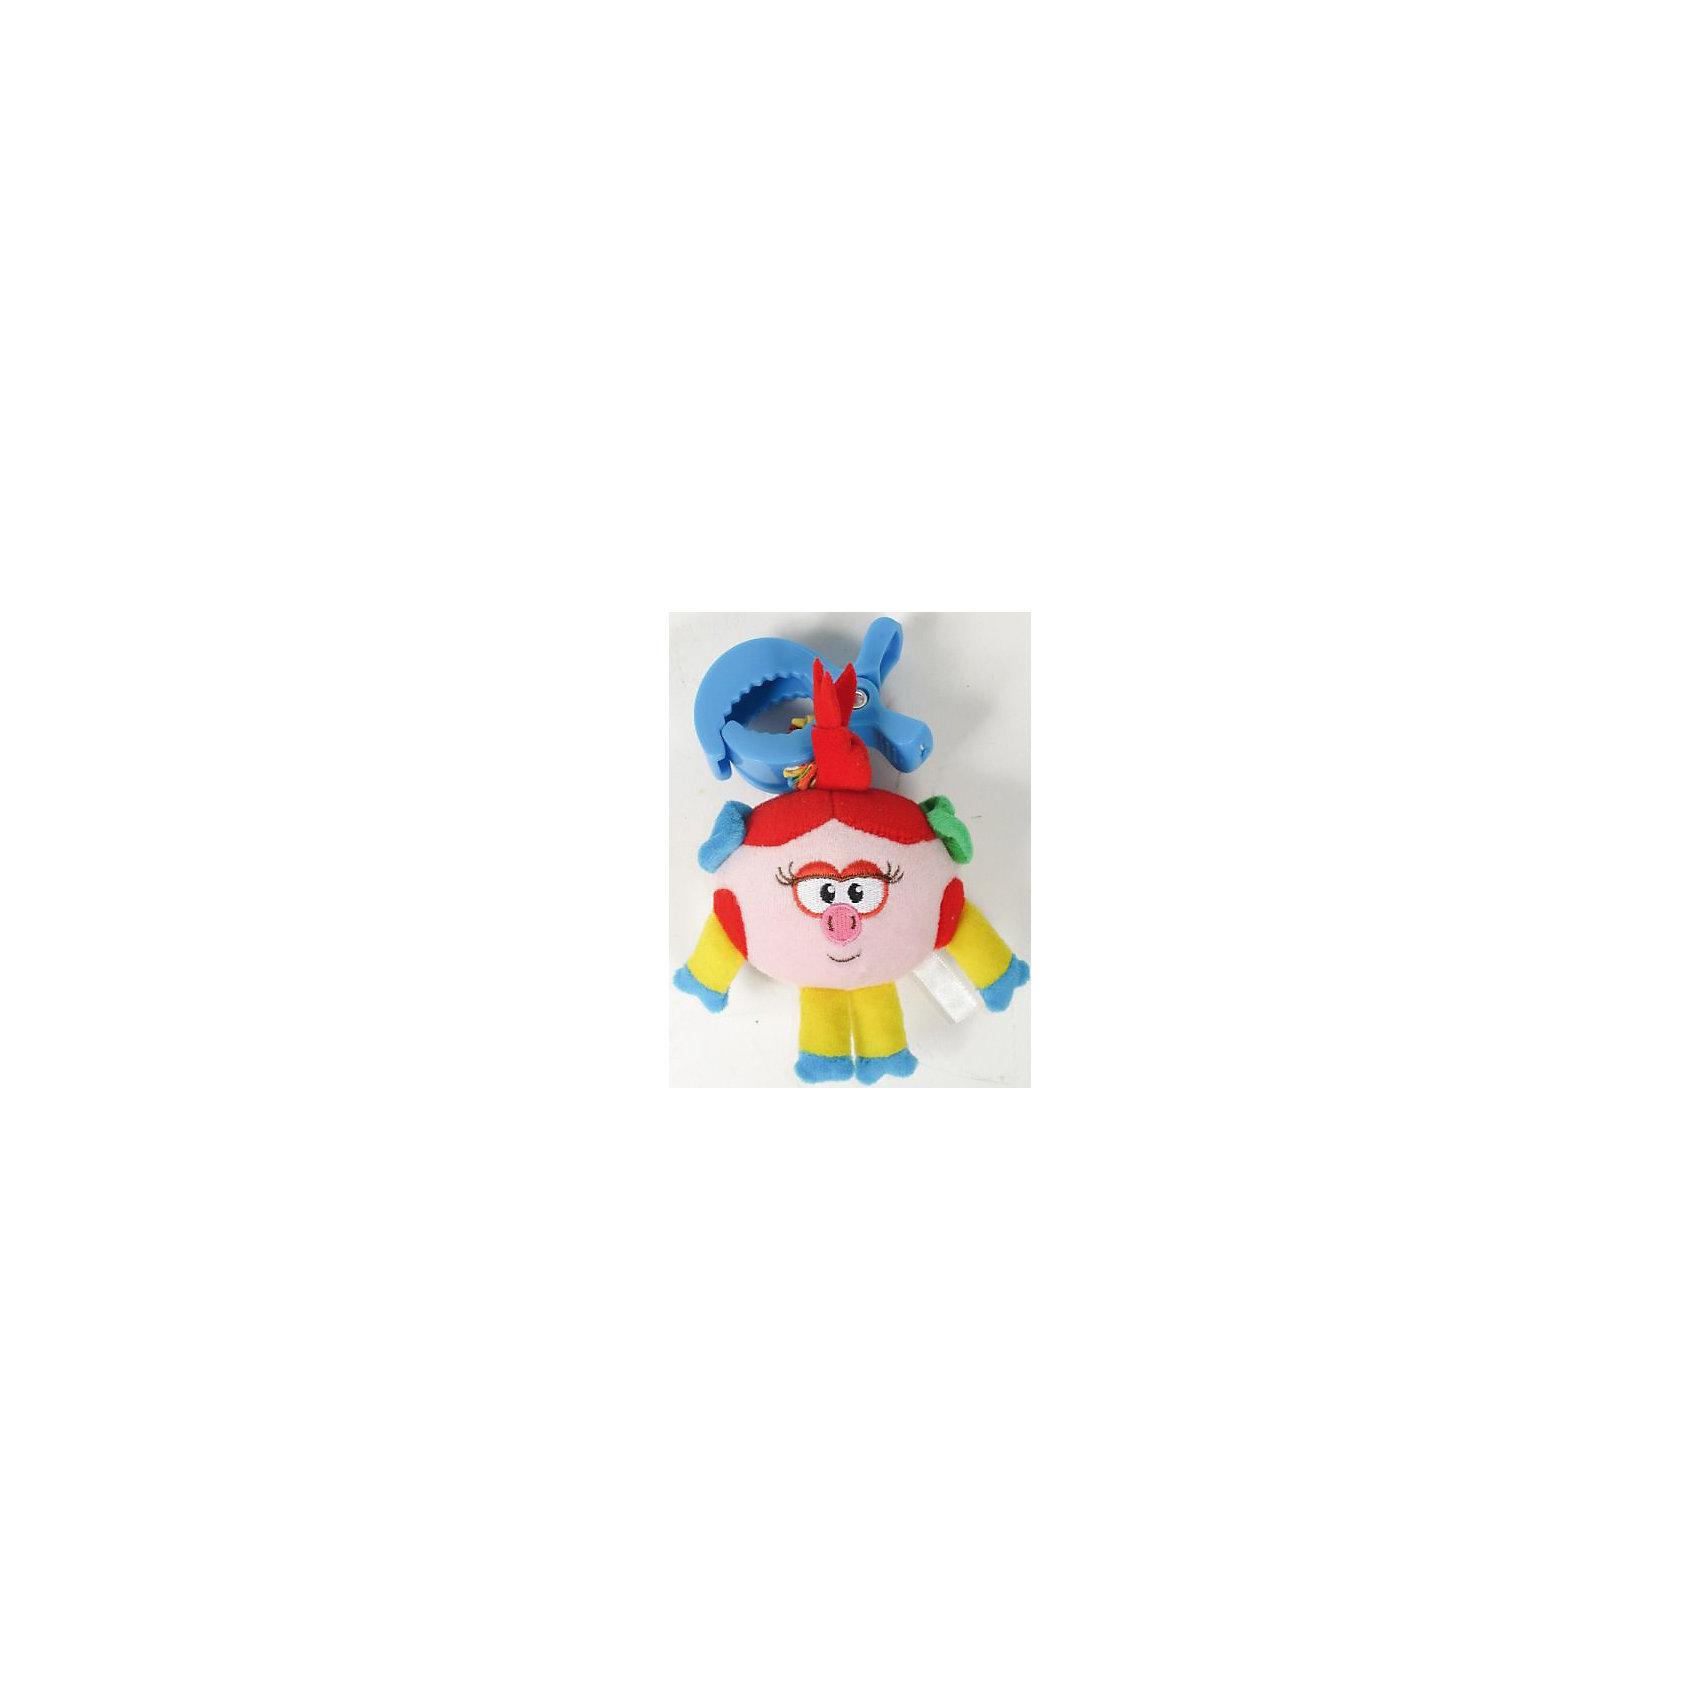 Погремушка-растяжка в руку  НюшаПогремушка-растяжка в руку Нюша<br><br>Характеристики:<br><br>• Материал: текстиль, пластмасса<br>• Размер: 11х14 см<br>• Возраст: от 3 месяцев<br>• Цвет: розовый<br><br>Погремушка с любимой героиней популярного мультфильма «Смешарики» порадует малыша своей яркостью, «шумностью» и мягкостью. Такая игрушка поможет ребенку развить звуковое, тактильное и цветовое восприятие. Ее можно прикрепить к бортику кровати или даже на ручку малыша. <br><br>Погремушку-растяжку в руку  Нюша можно купить в нашем интернет-магазине.<br><br>Ширина мм: 12<br>Глубина мм: 22<br>Высота мм: 5<br>Вес г: 90<br>Возраст от месяцев: 0<br>Возраст до месяцев: 36<br>Пол: Женский<br>Возраст: Детский<br>SKU: 4845300